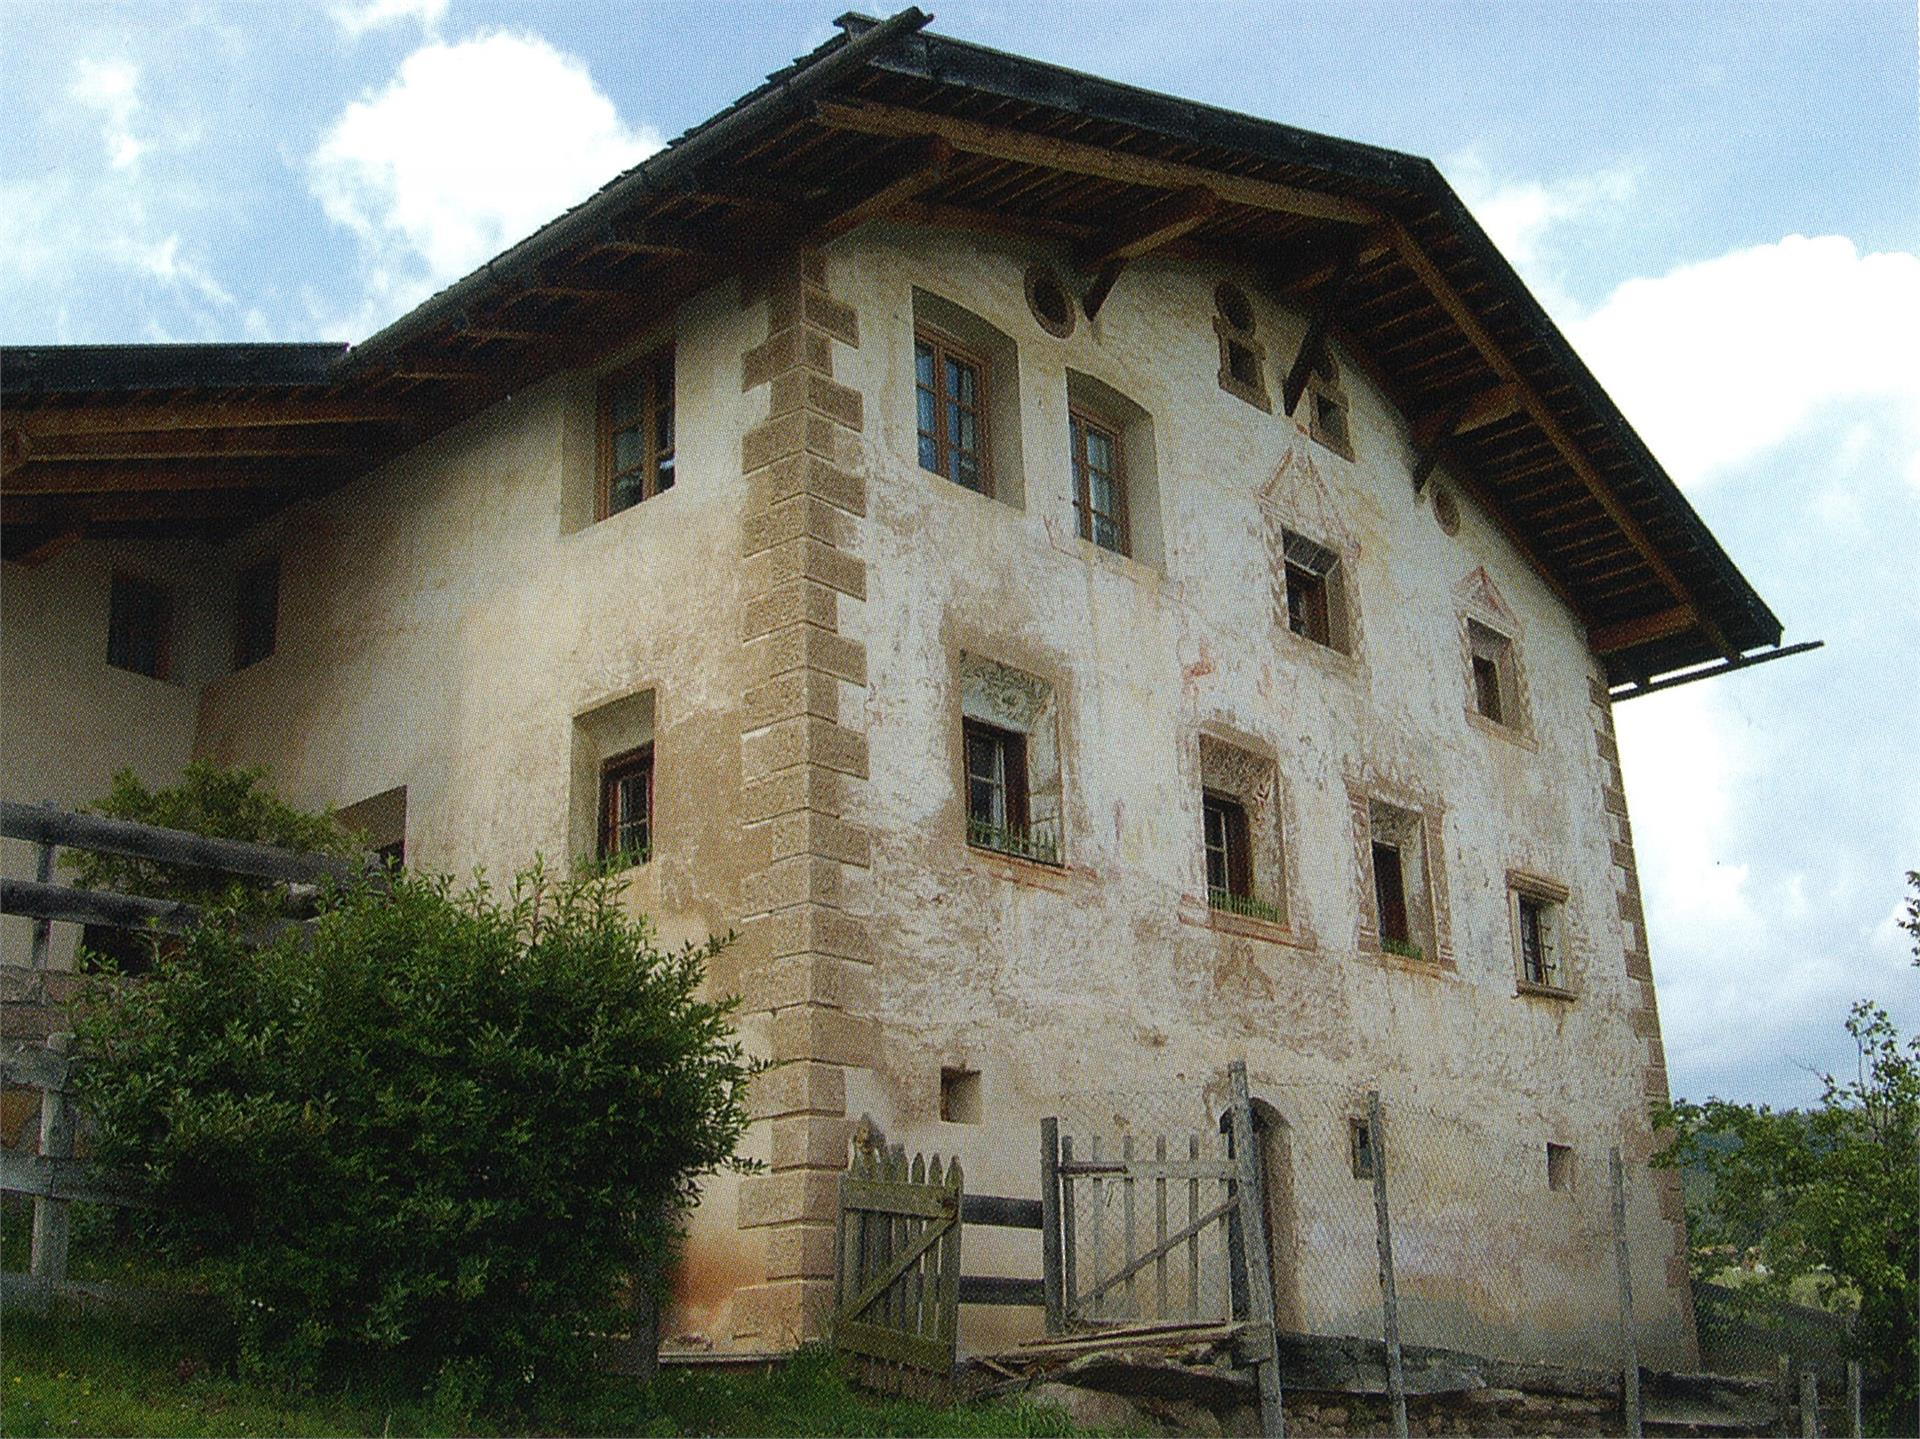 Casa Schreiber